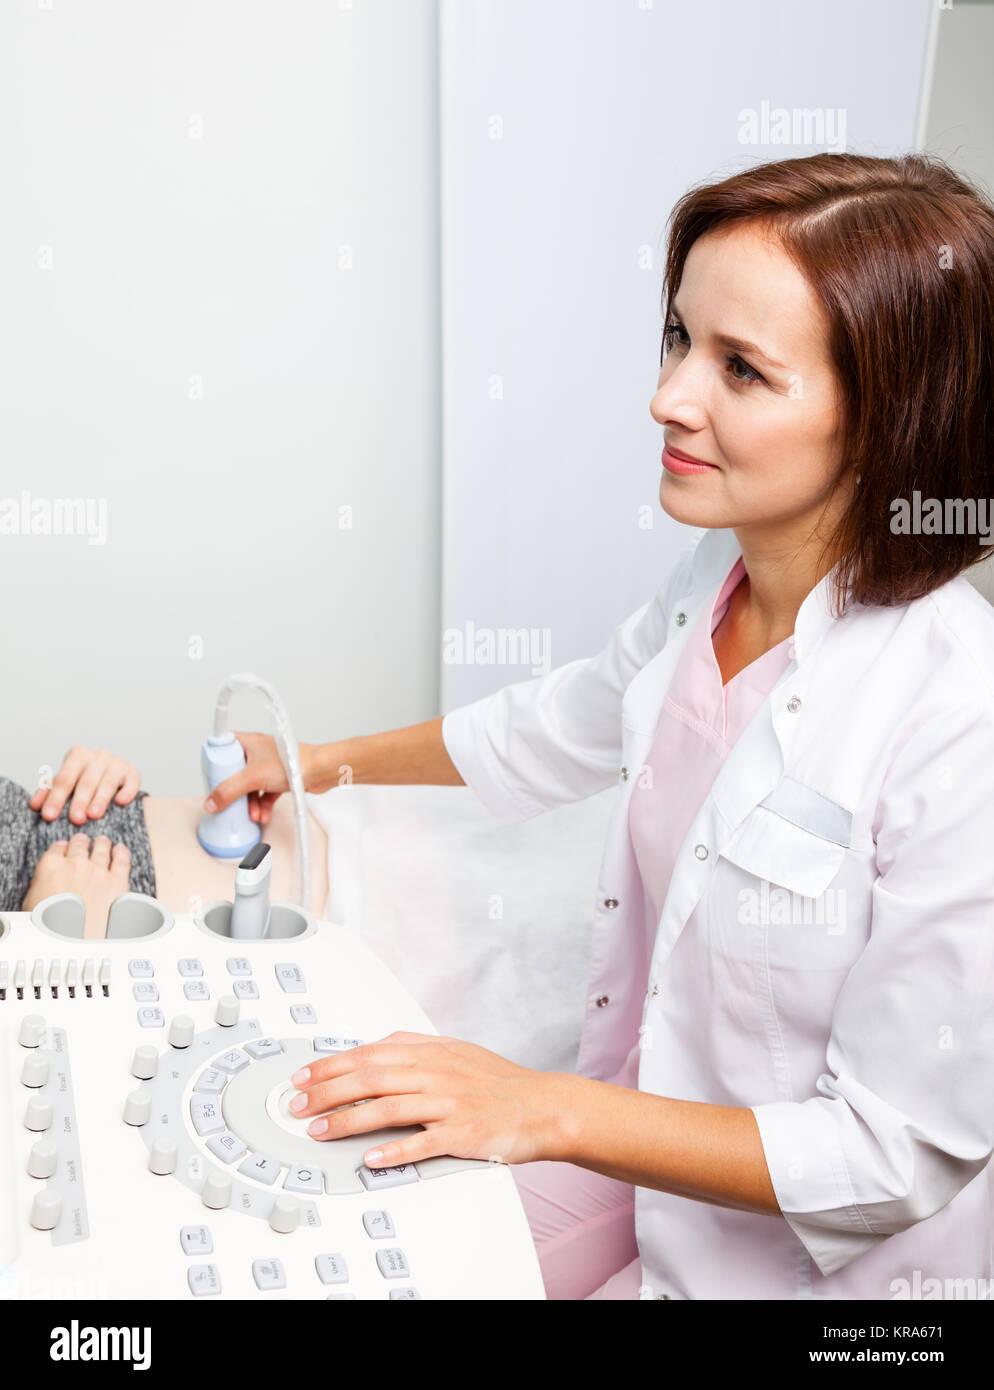 Datating Geburtshelfer Ultraschall Ich datiere meinen Lehrer